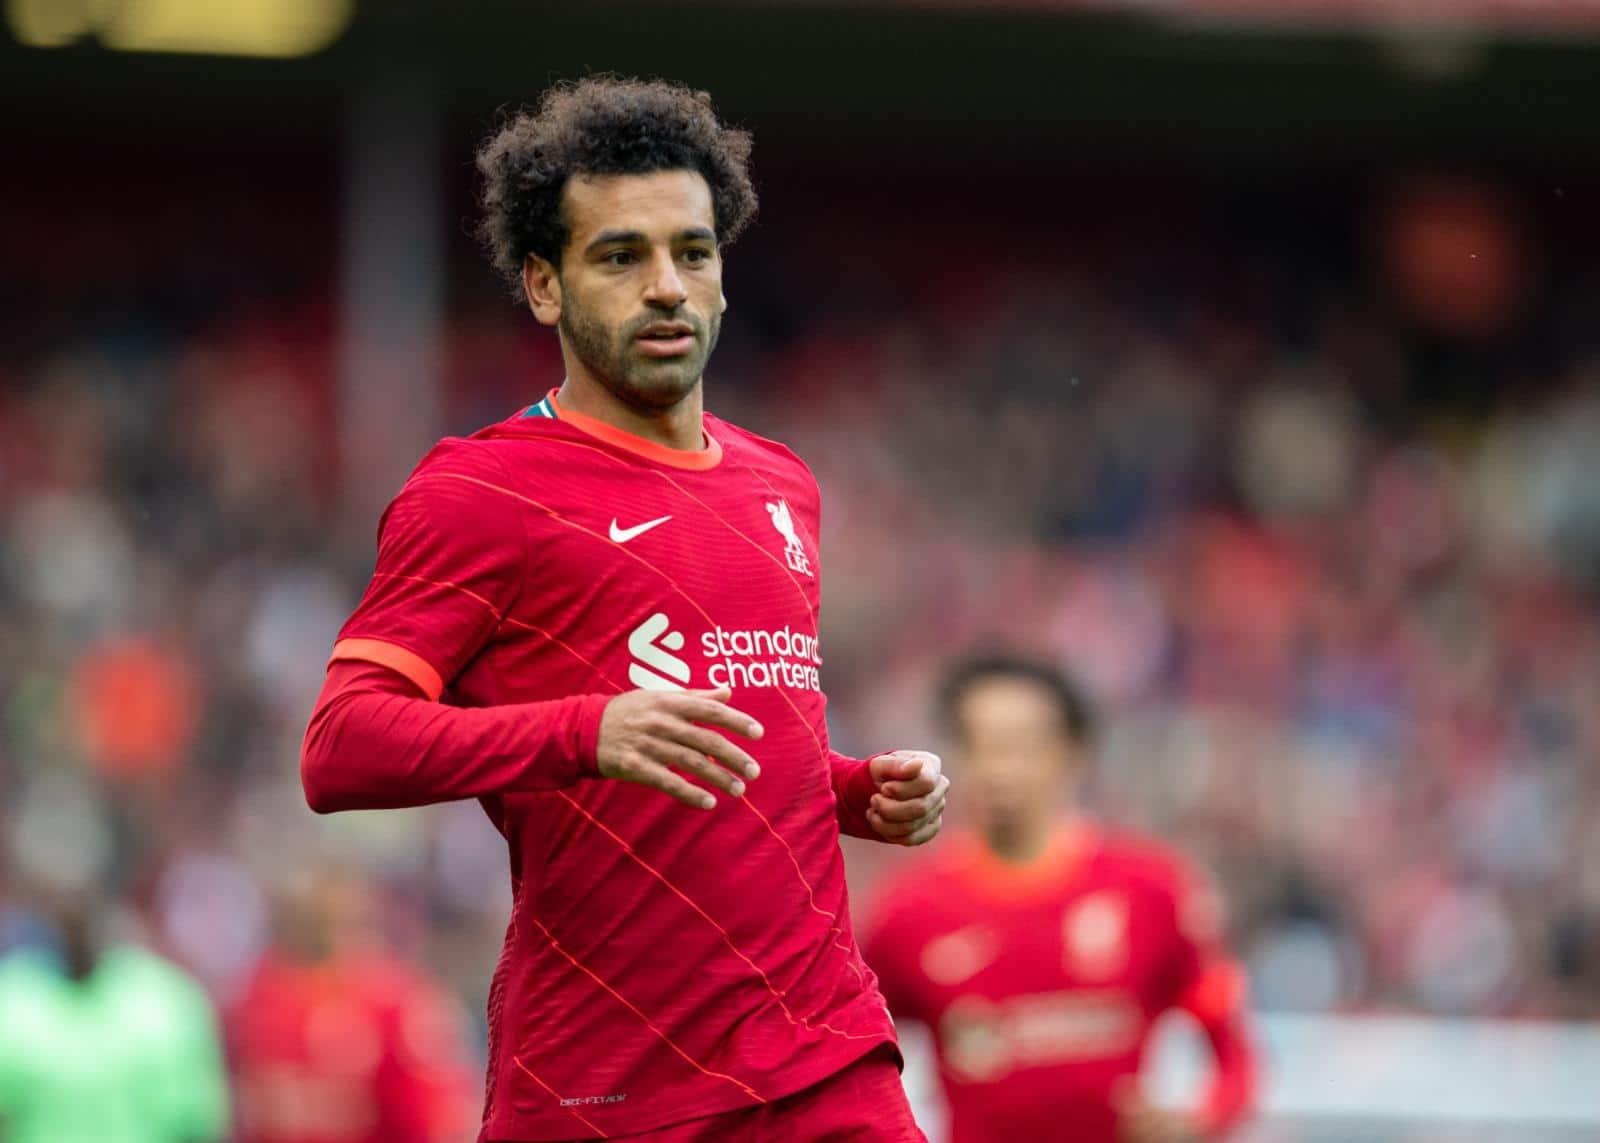 محمد صلاح وشرطه لتجديد عقده مع ليفربول الإنجليزي